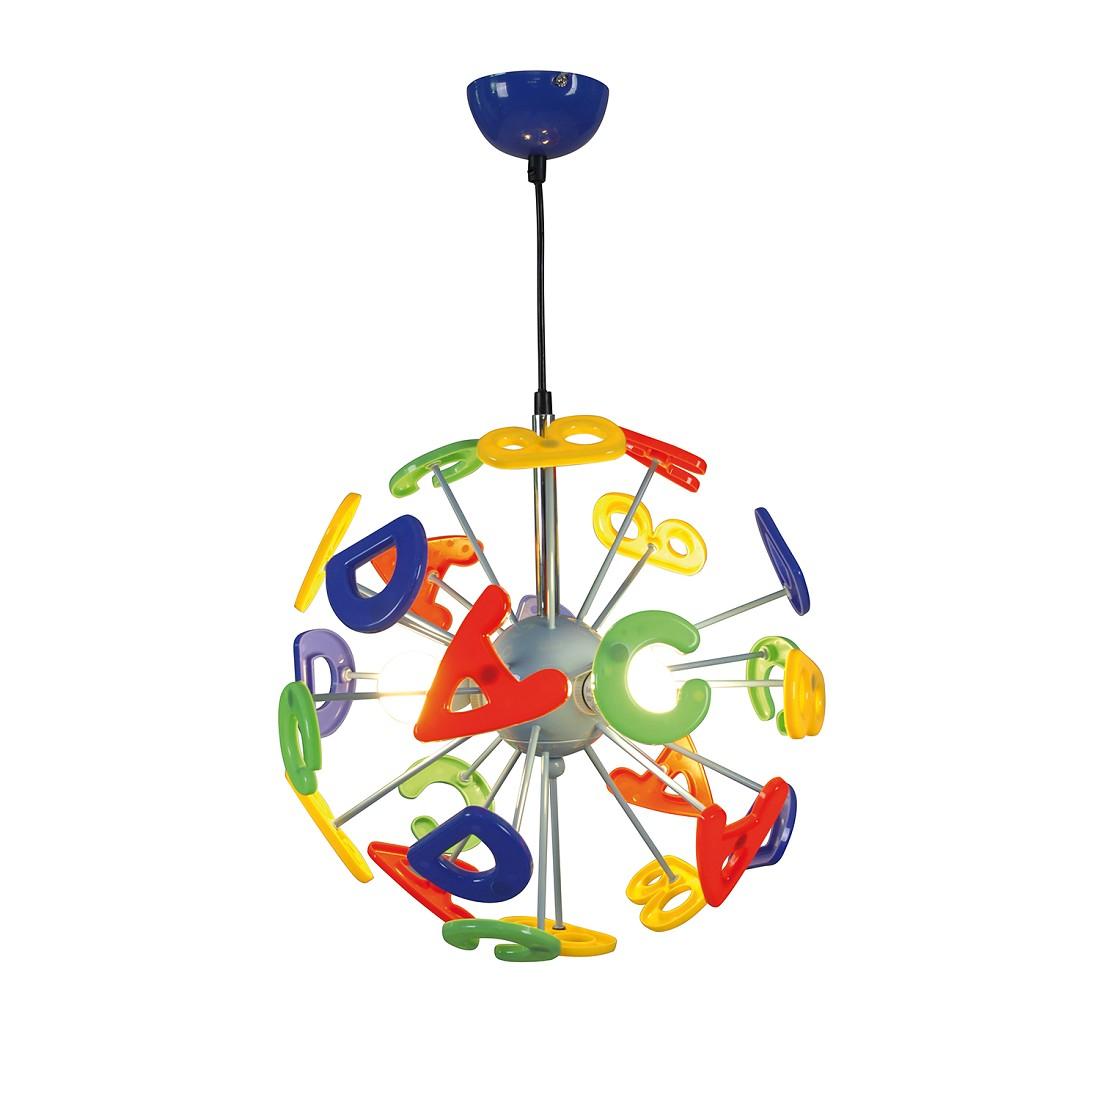 EEK A++, Pendelleuchte Kizi - Kunststoff/ Metall - Multicolor - 3-flammig, Näve